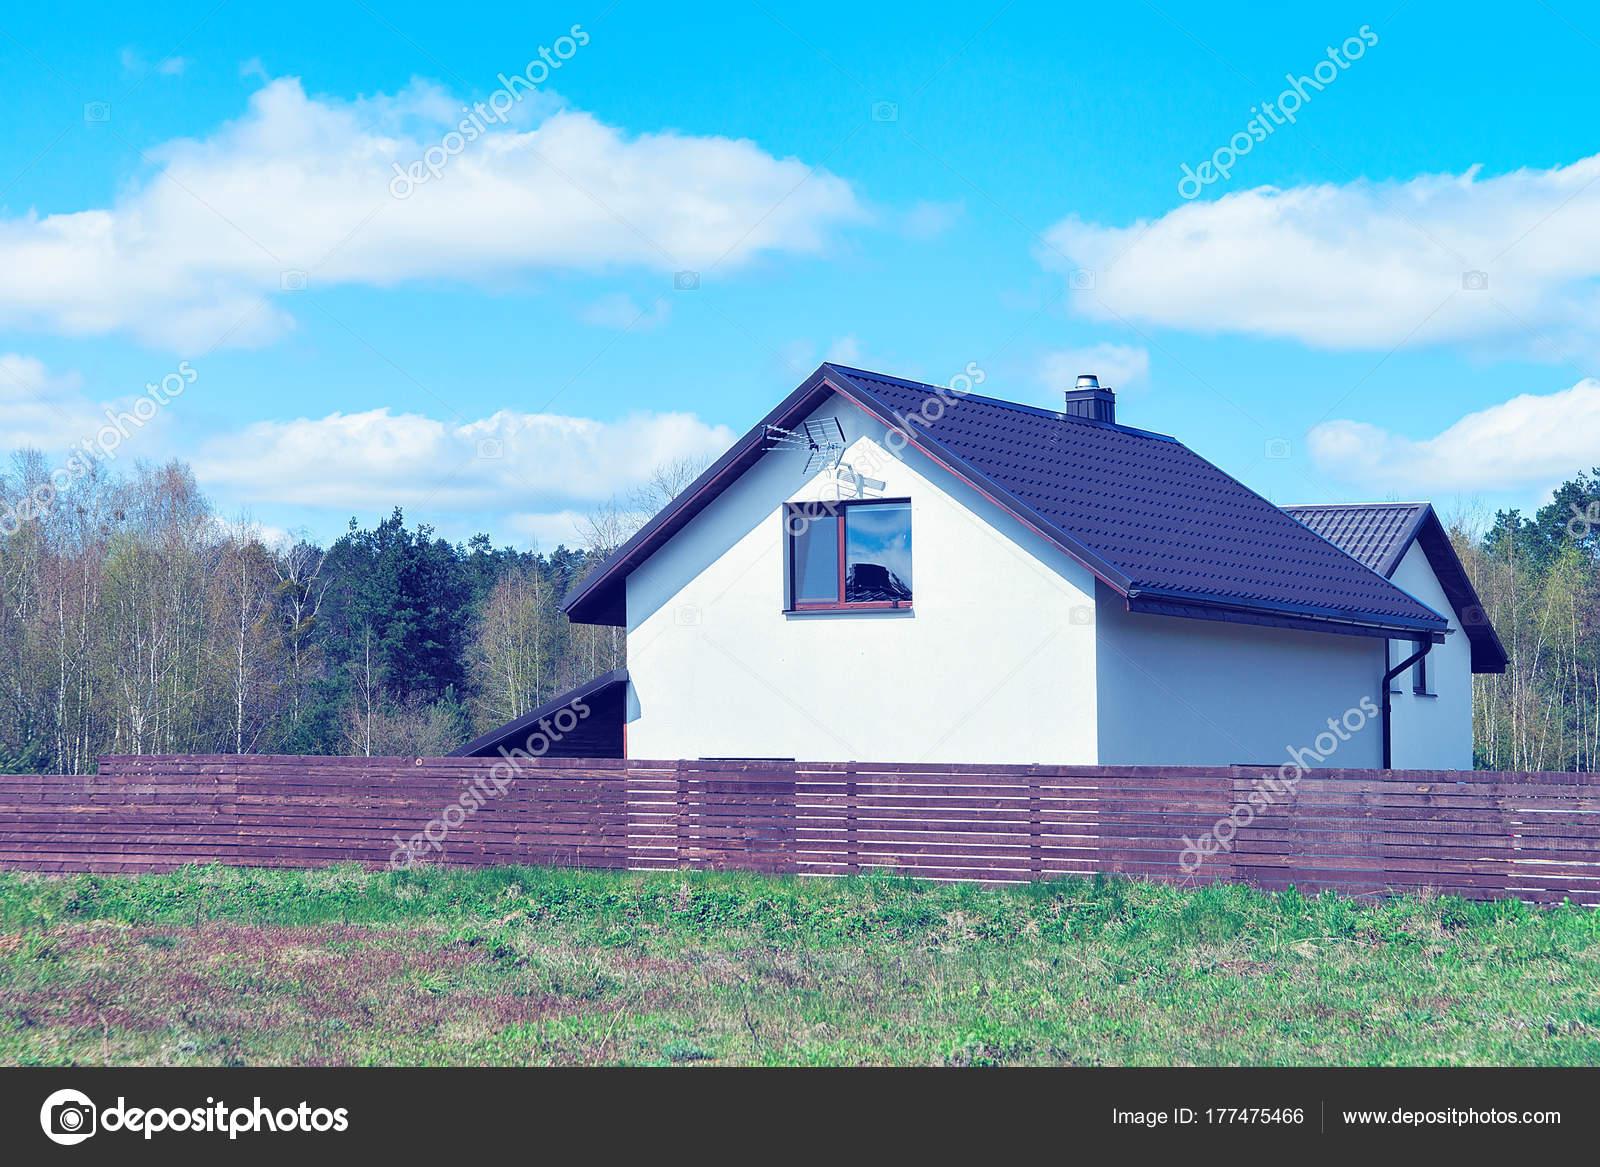 Modernes Ferienhaus Haus Mit Zaun Und Court Yard Stockfoto